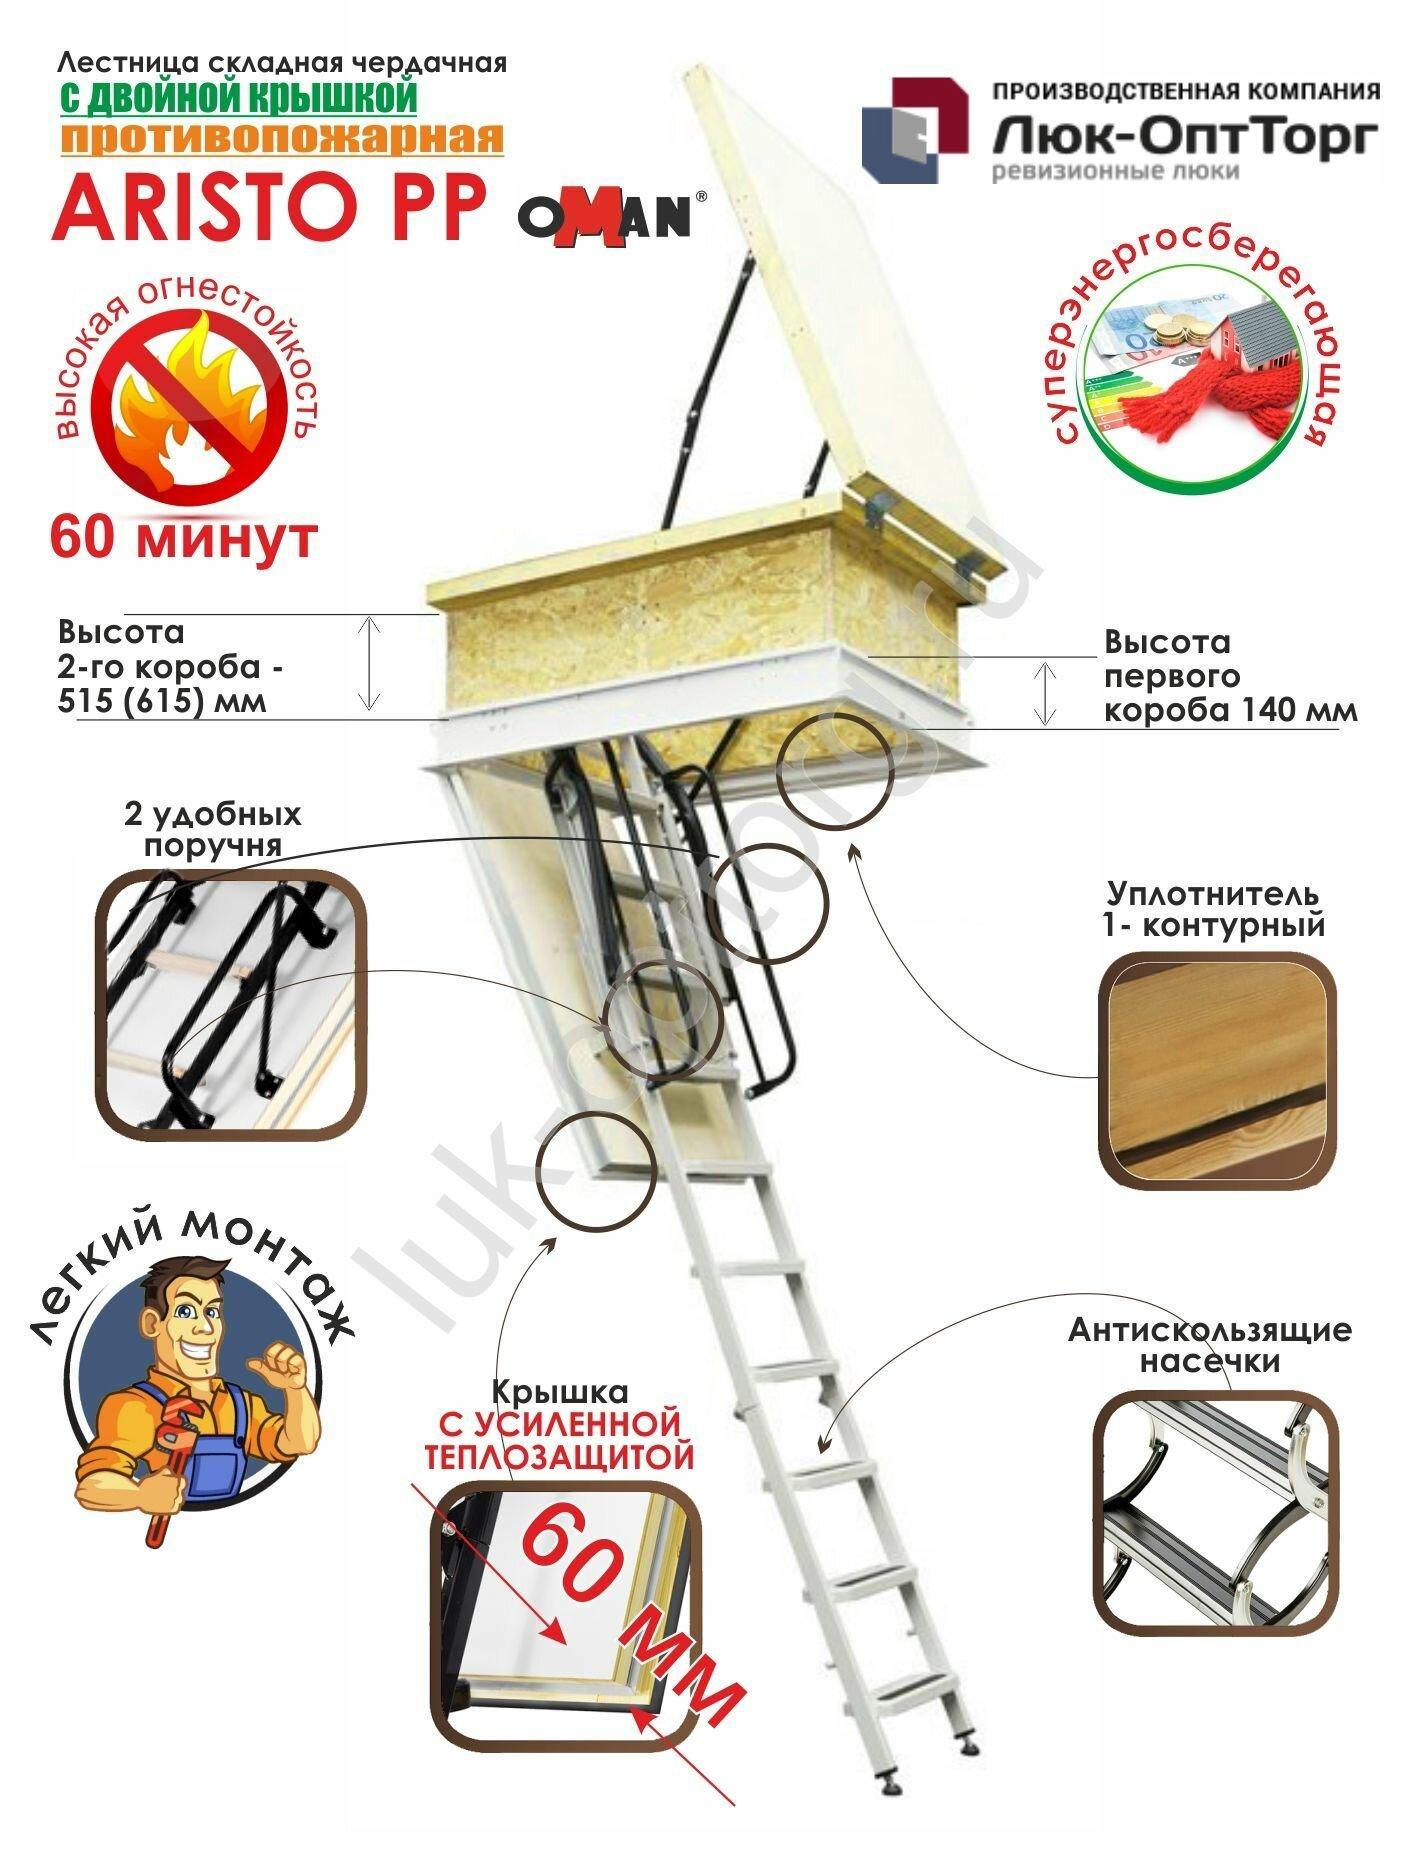 Чердачная противопожарная люк-лестница Oman ARISTO PP h=2400-3100 700 * 1400 (Ш * В)